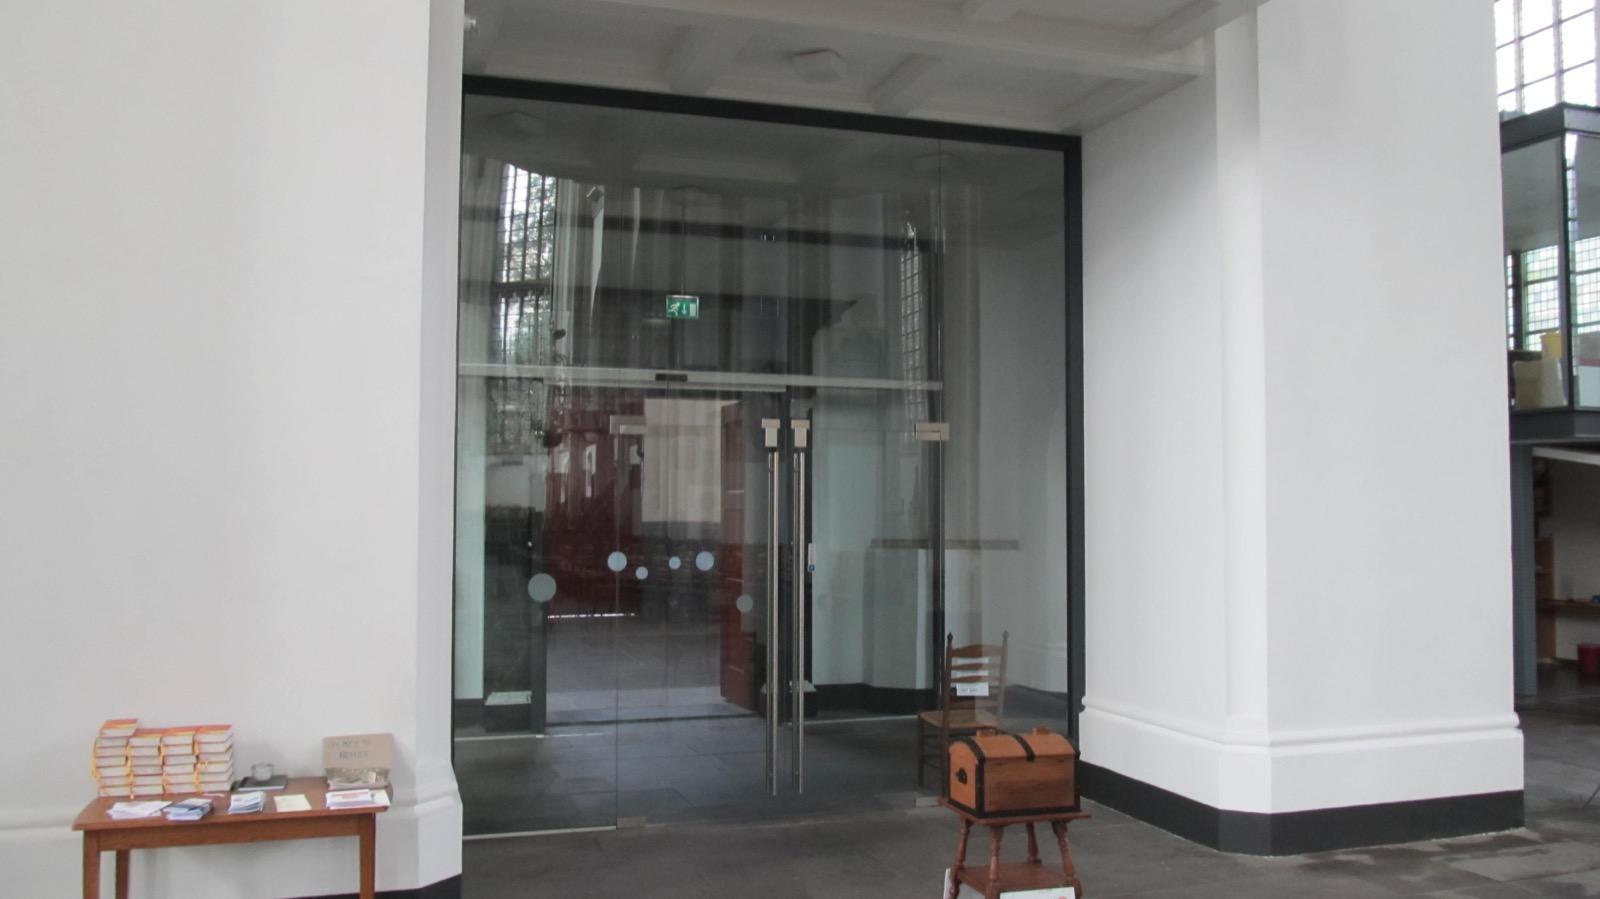 Glazen Deur Prijs : Glazen deuren glasmontagebedrijf twentse glasgroep bv